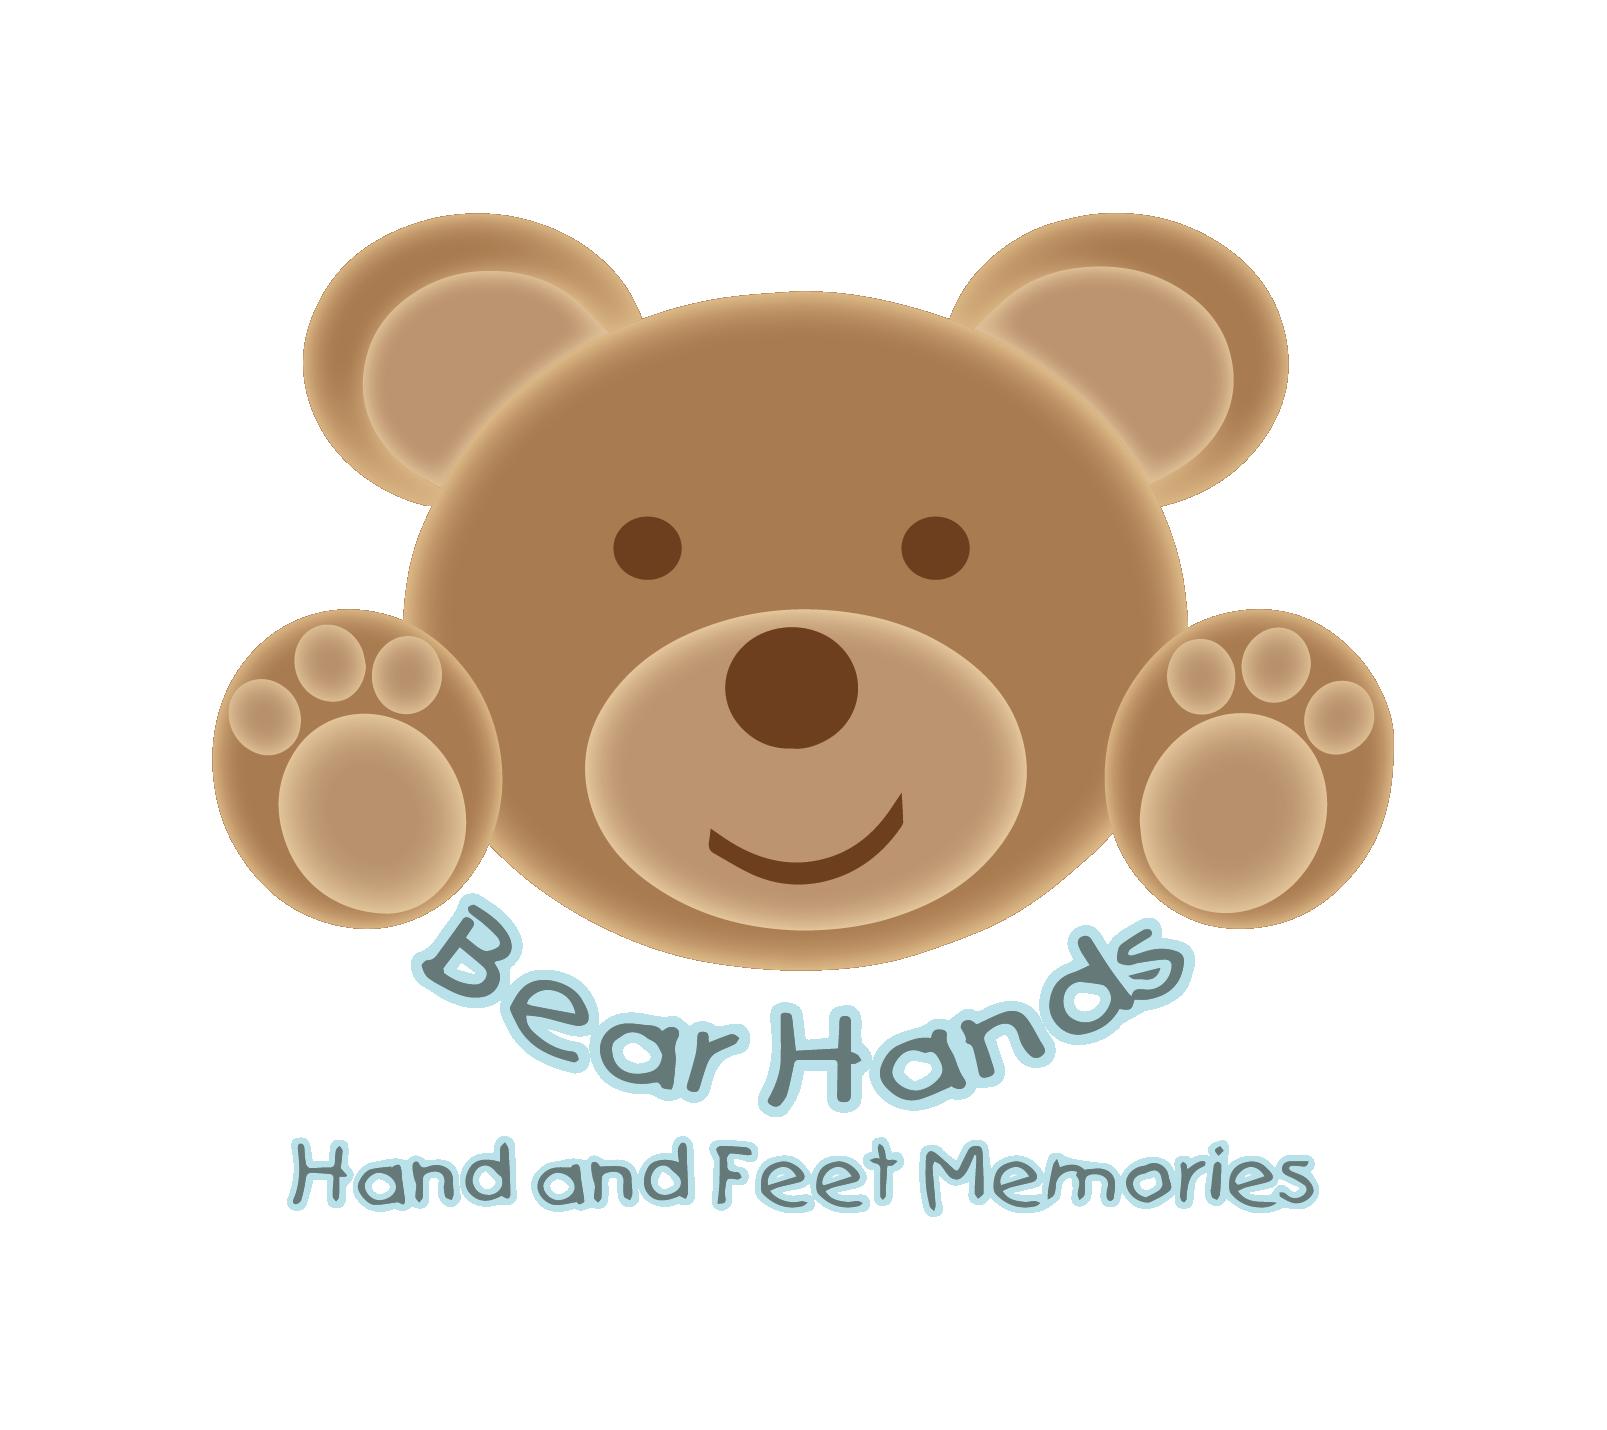 BearHands Hand & Feet Memories Logo